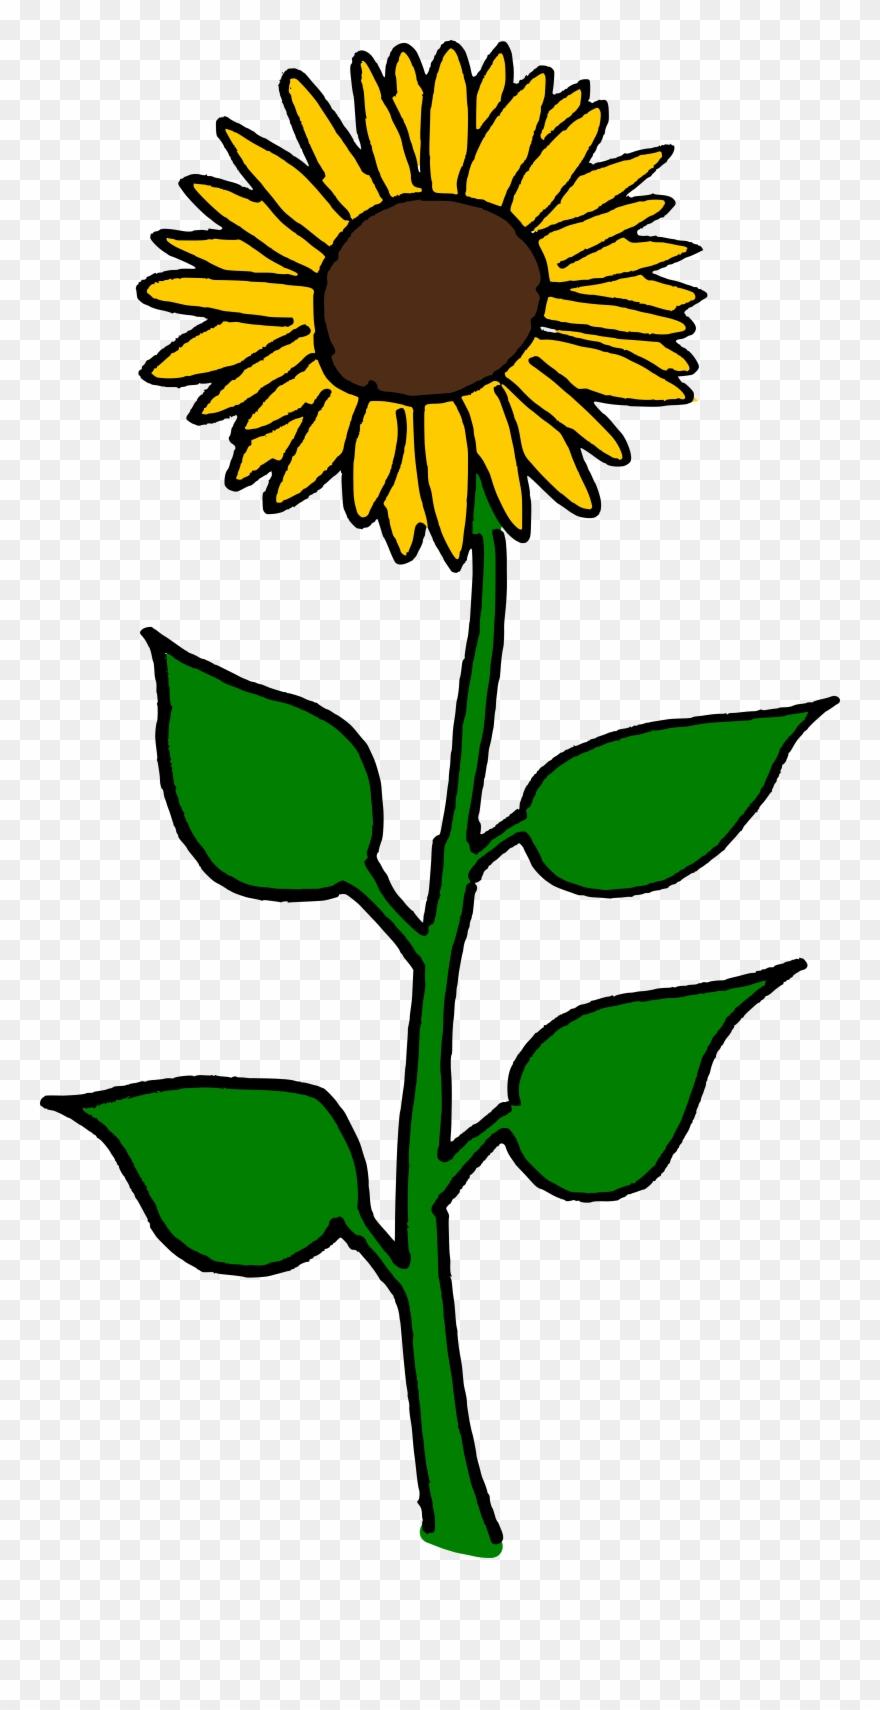 flower clipart sunflower sun